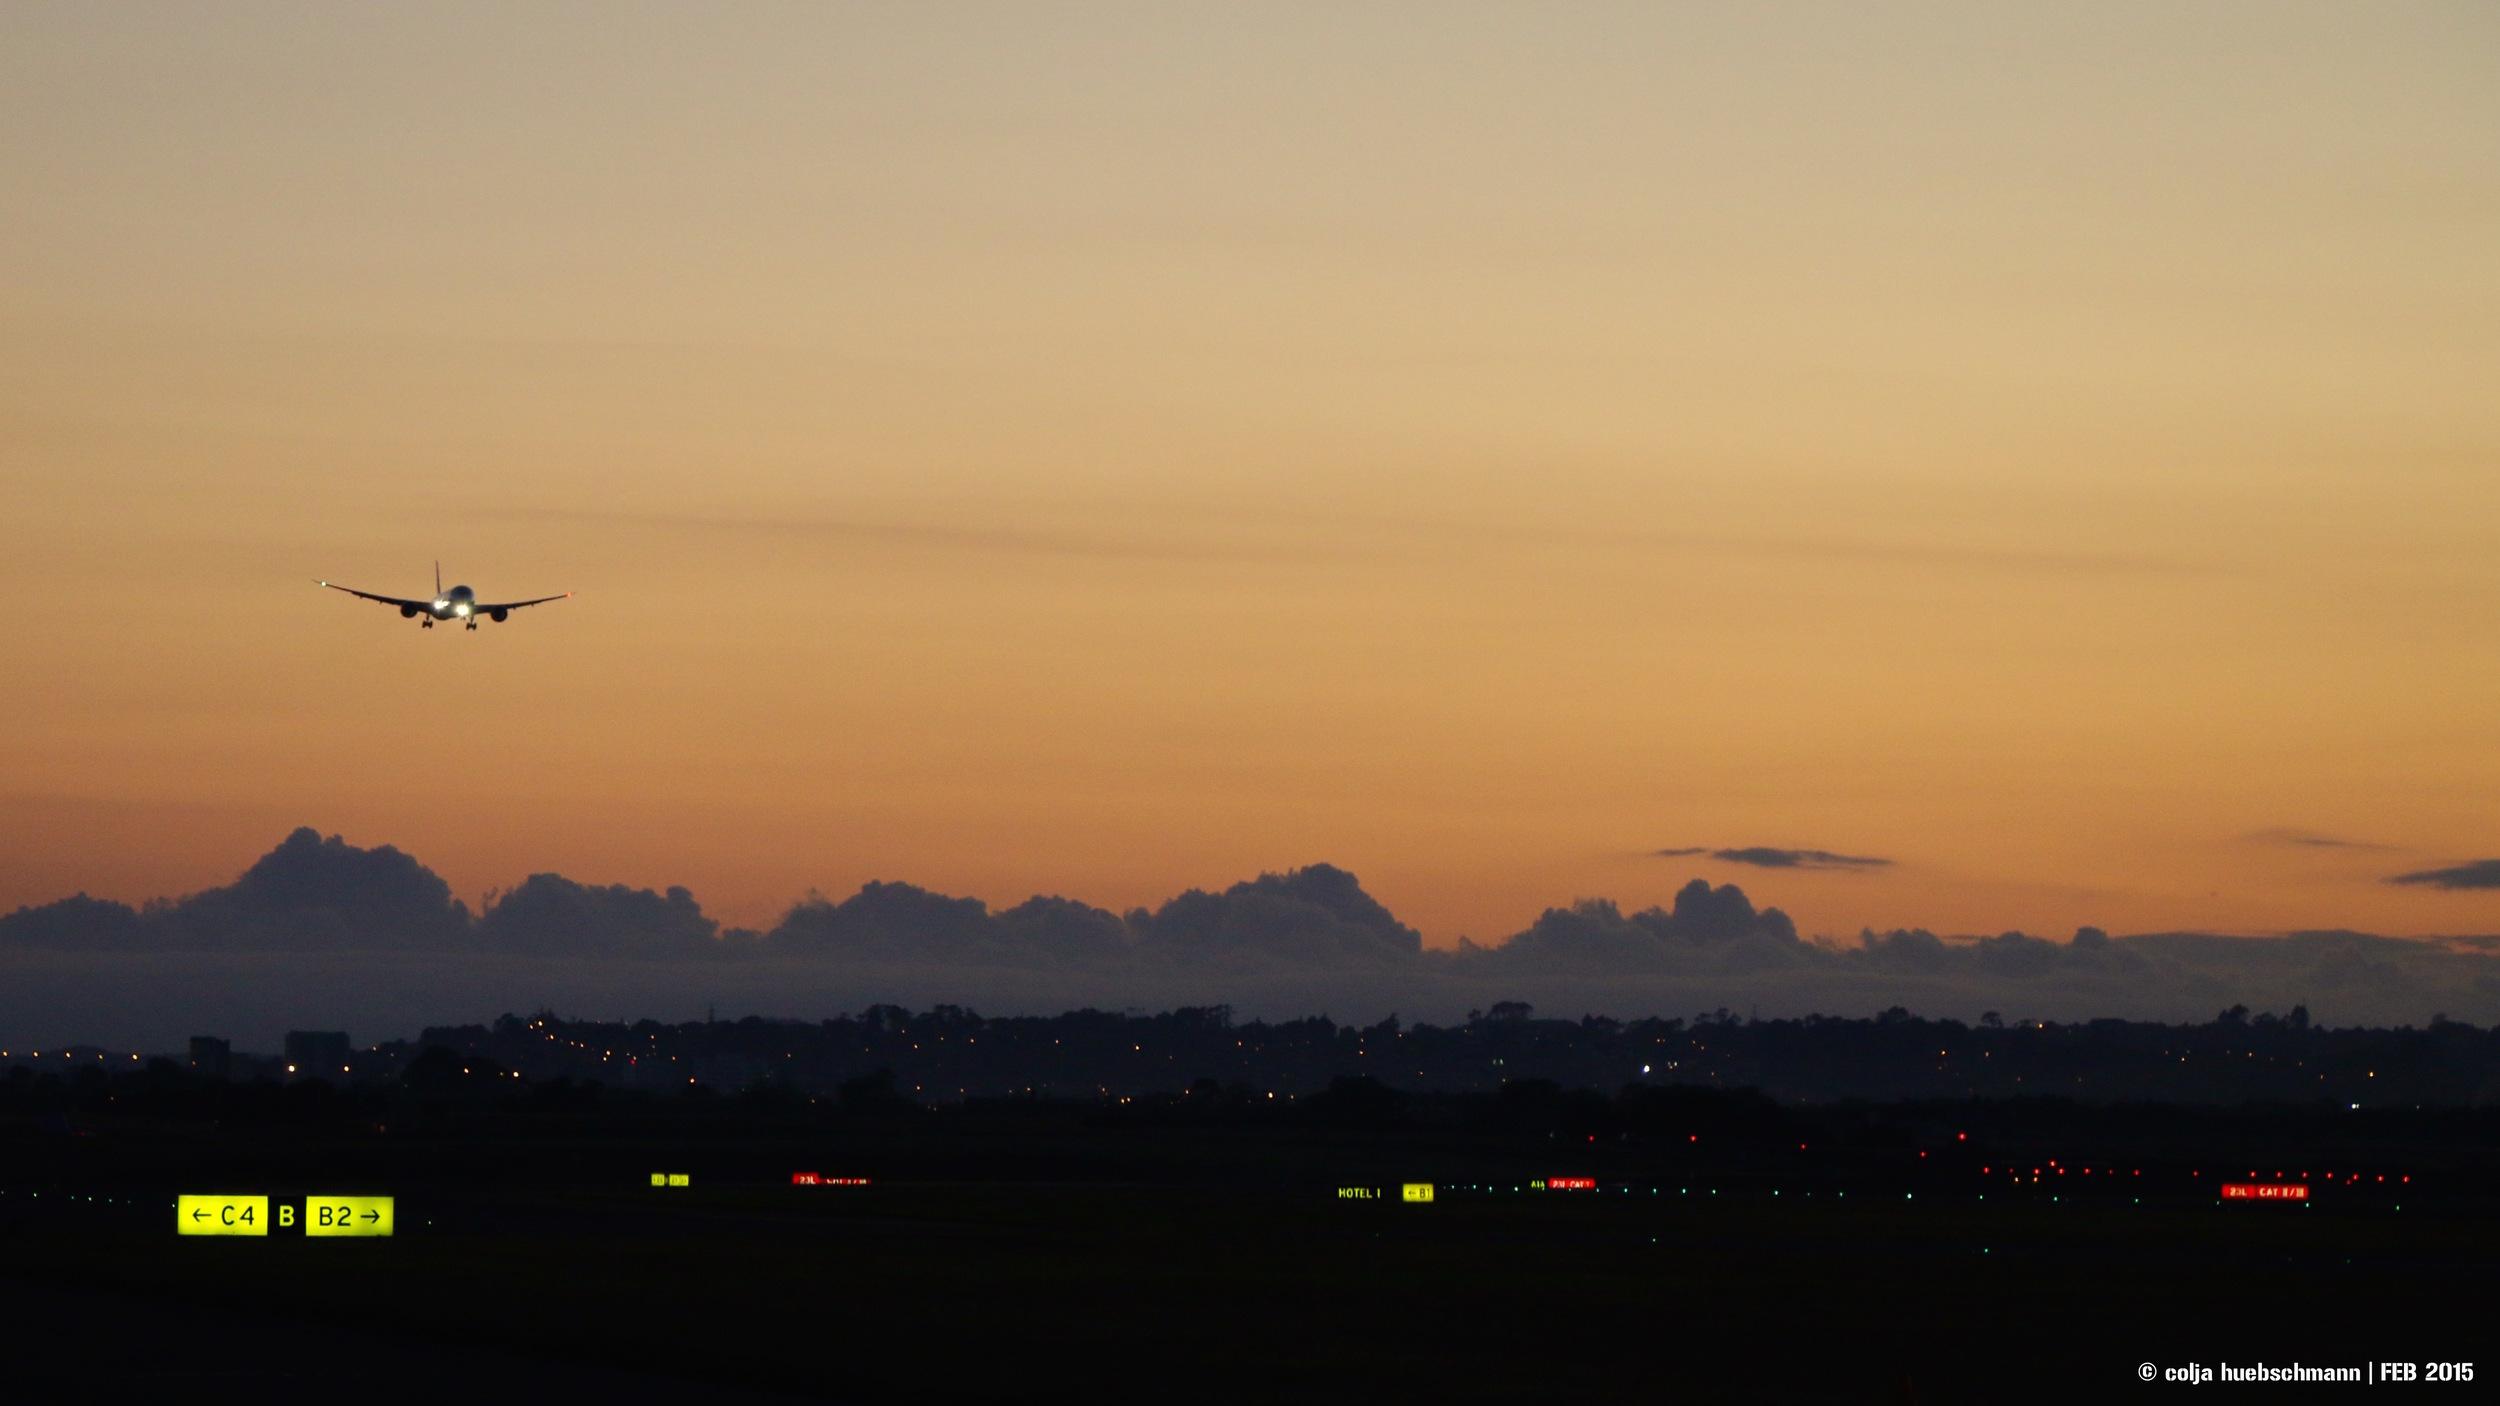 Crishis Arrival in AKL (Beoing 787 Dreamliner)